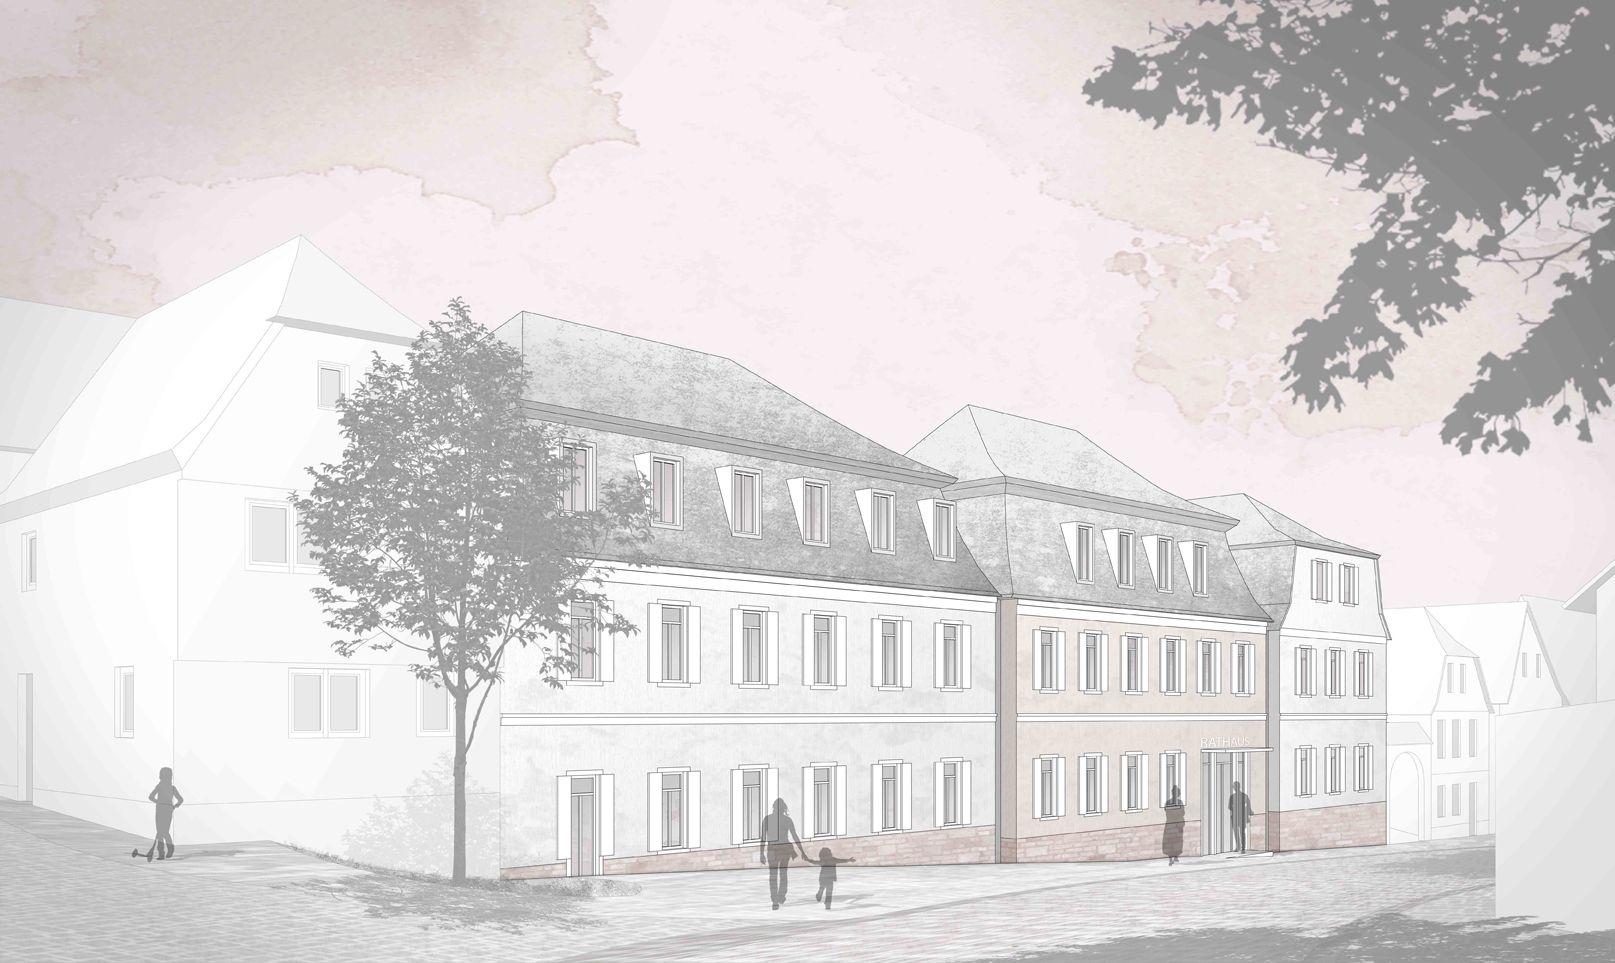 schaudt architekten & Planstatt Senner (2015): Neubau des Rathauses Markt Euerdorf (DE), via competitionline.com